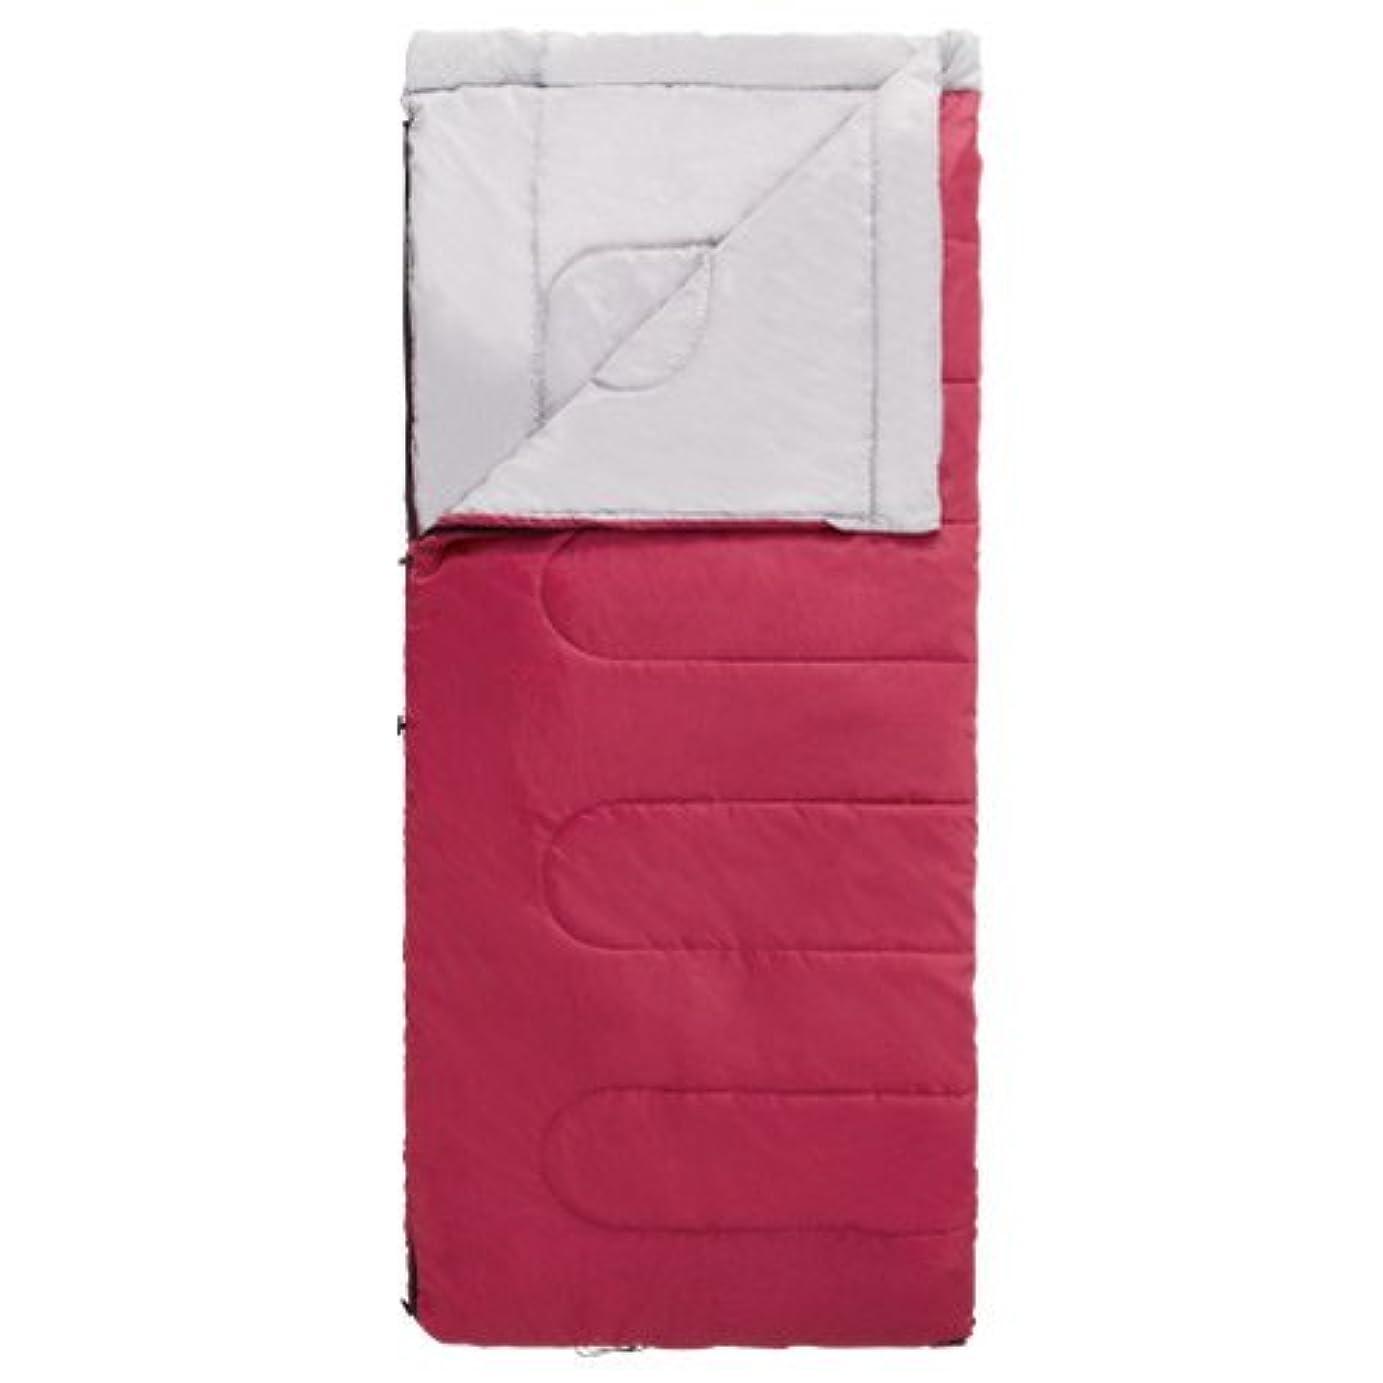 みがきます測定認めるColeman(コールマン) アルペン限定 シュラフ パフォーマー/C15:ワイン×グレー(2000018461) (寝袋、寝ぶくろ)